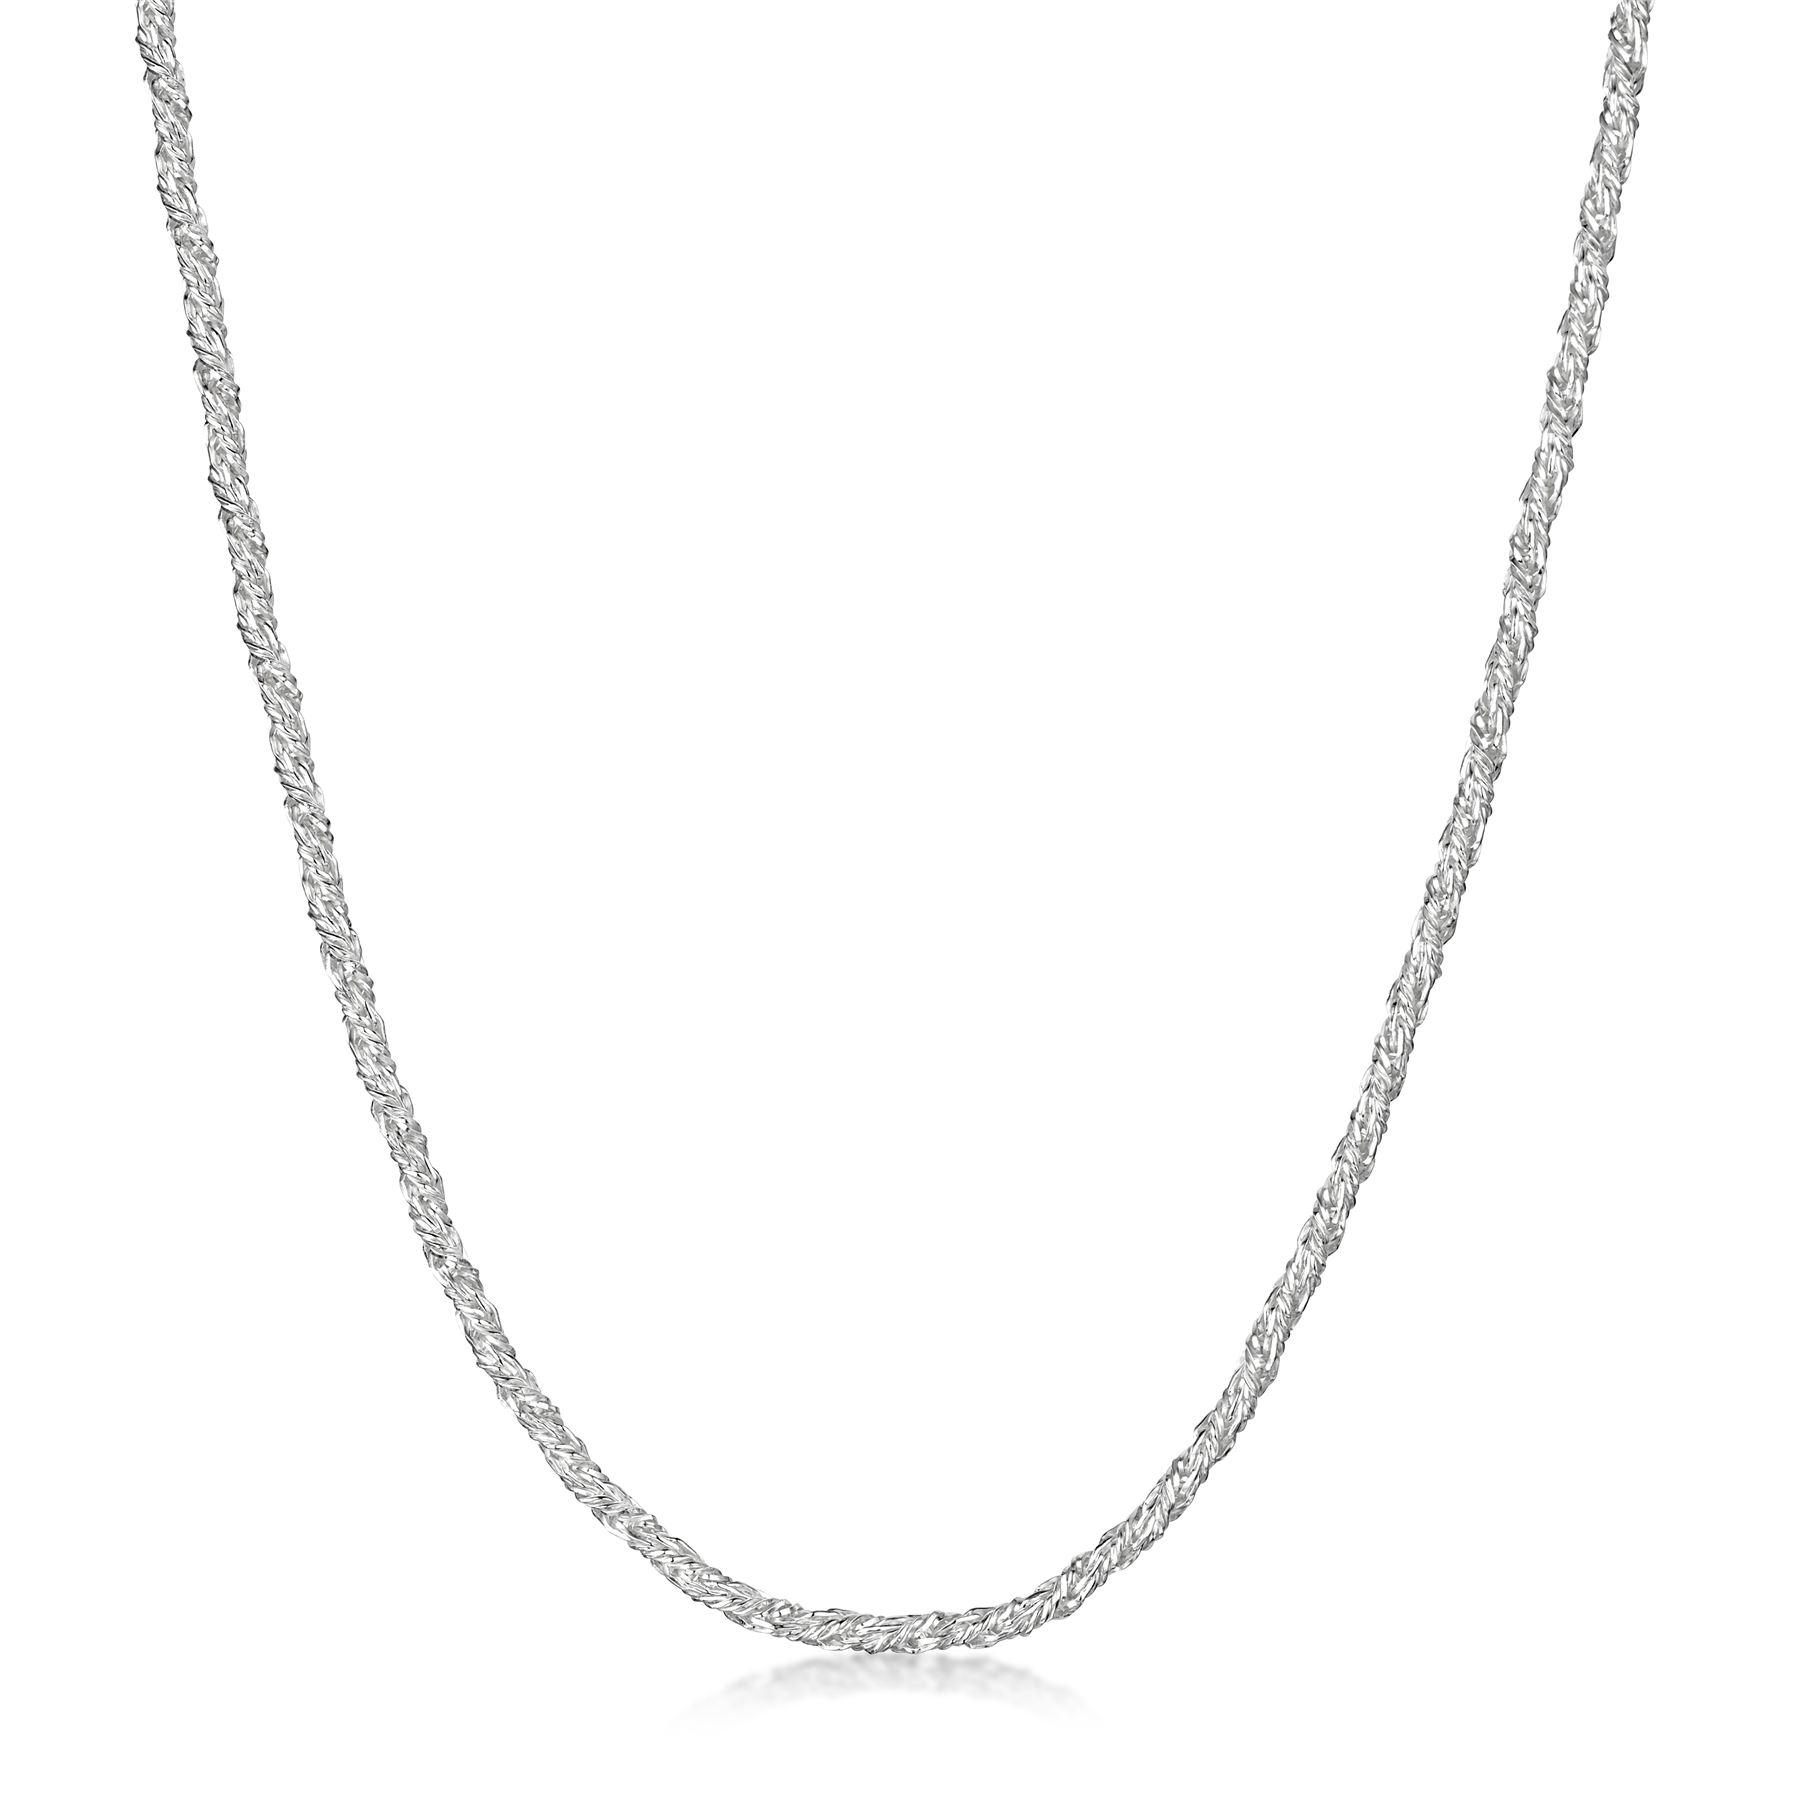 Amberta-Collar-en-Plata-De-Ley-925-Autentica-Cadena-para-Mujer-y-Hombre-Italiana miniatura 69